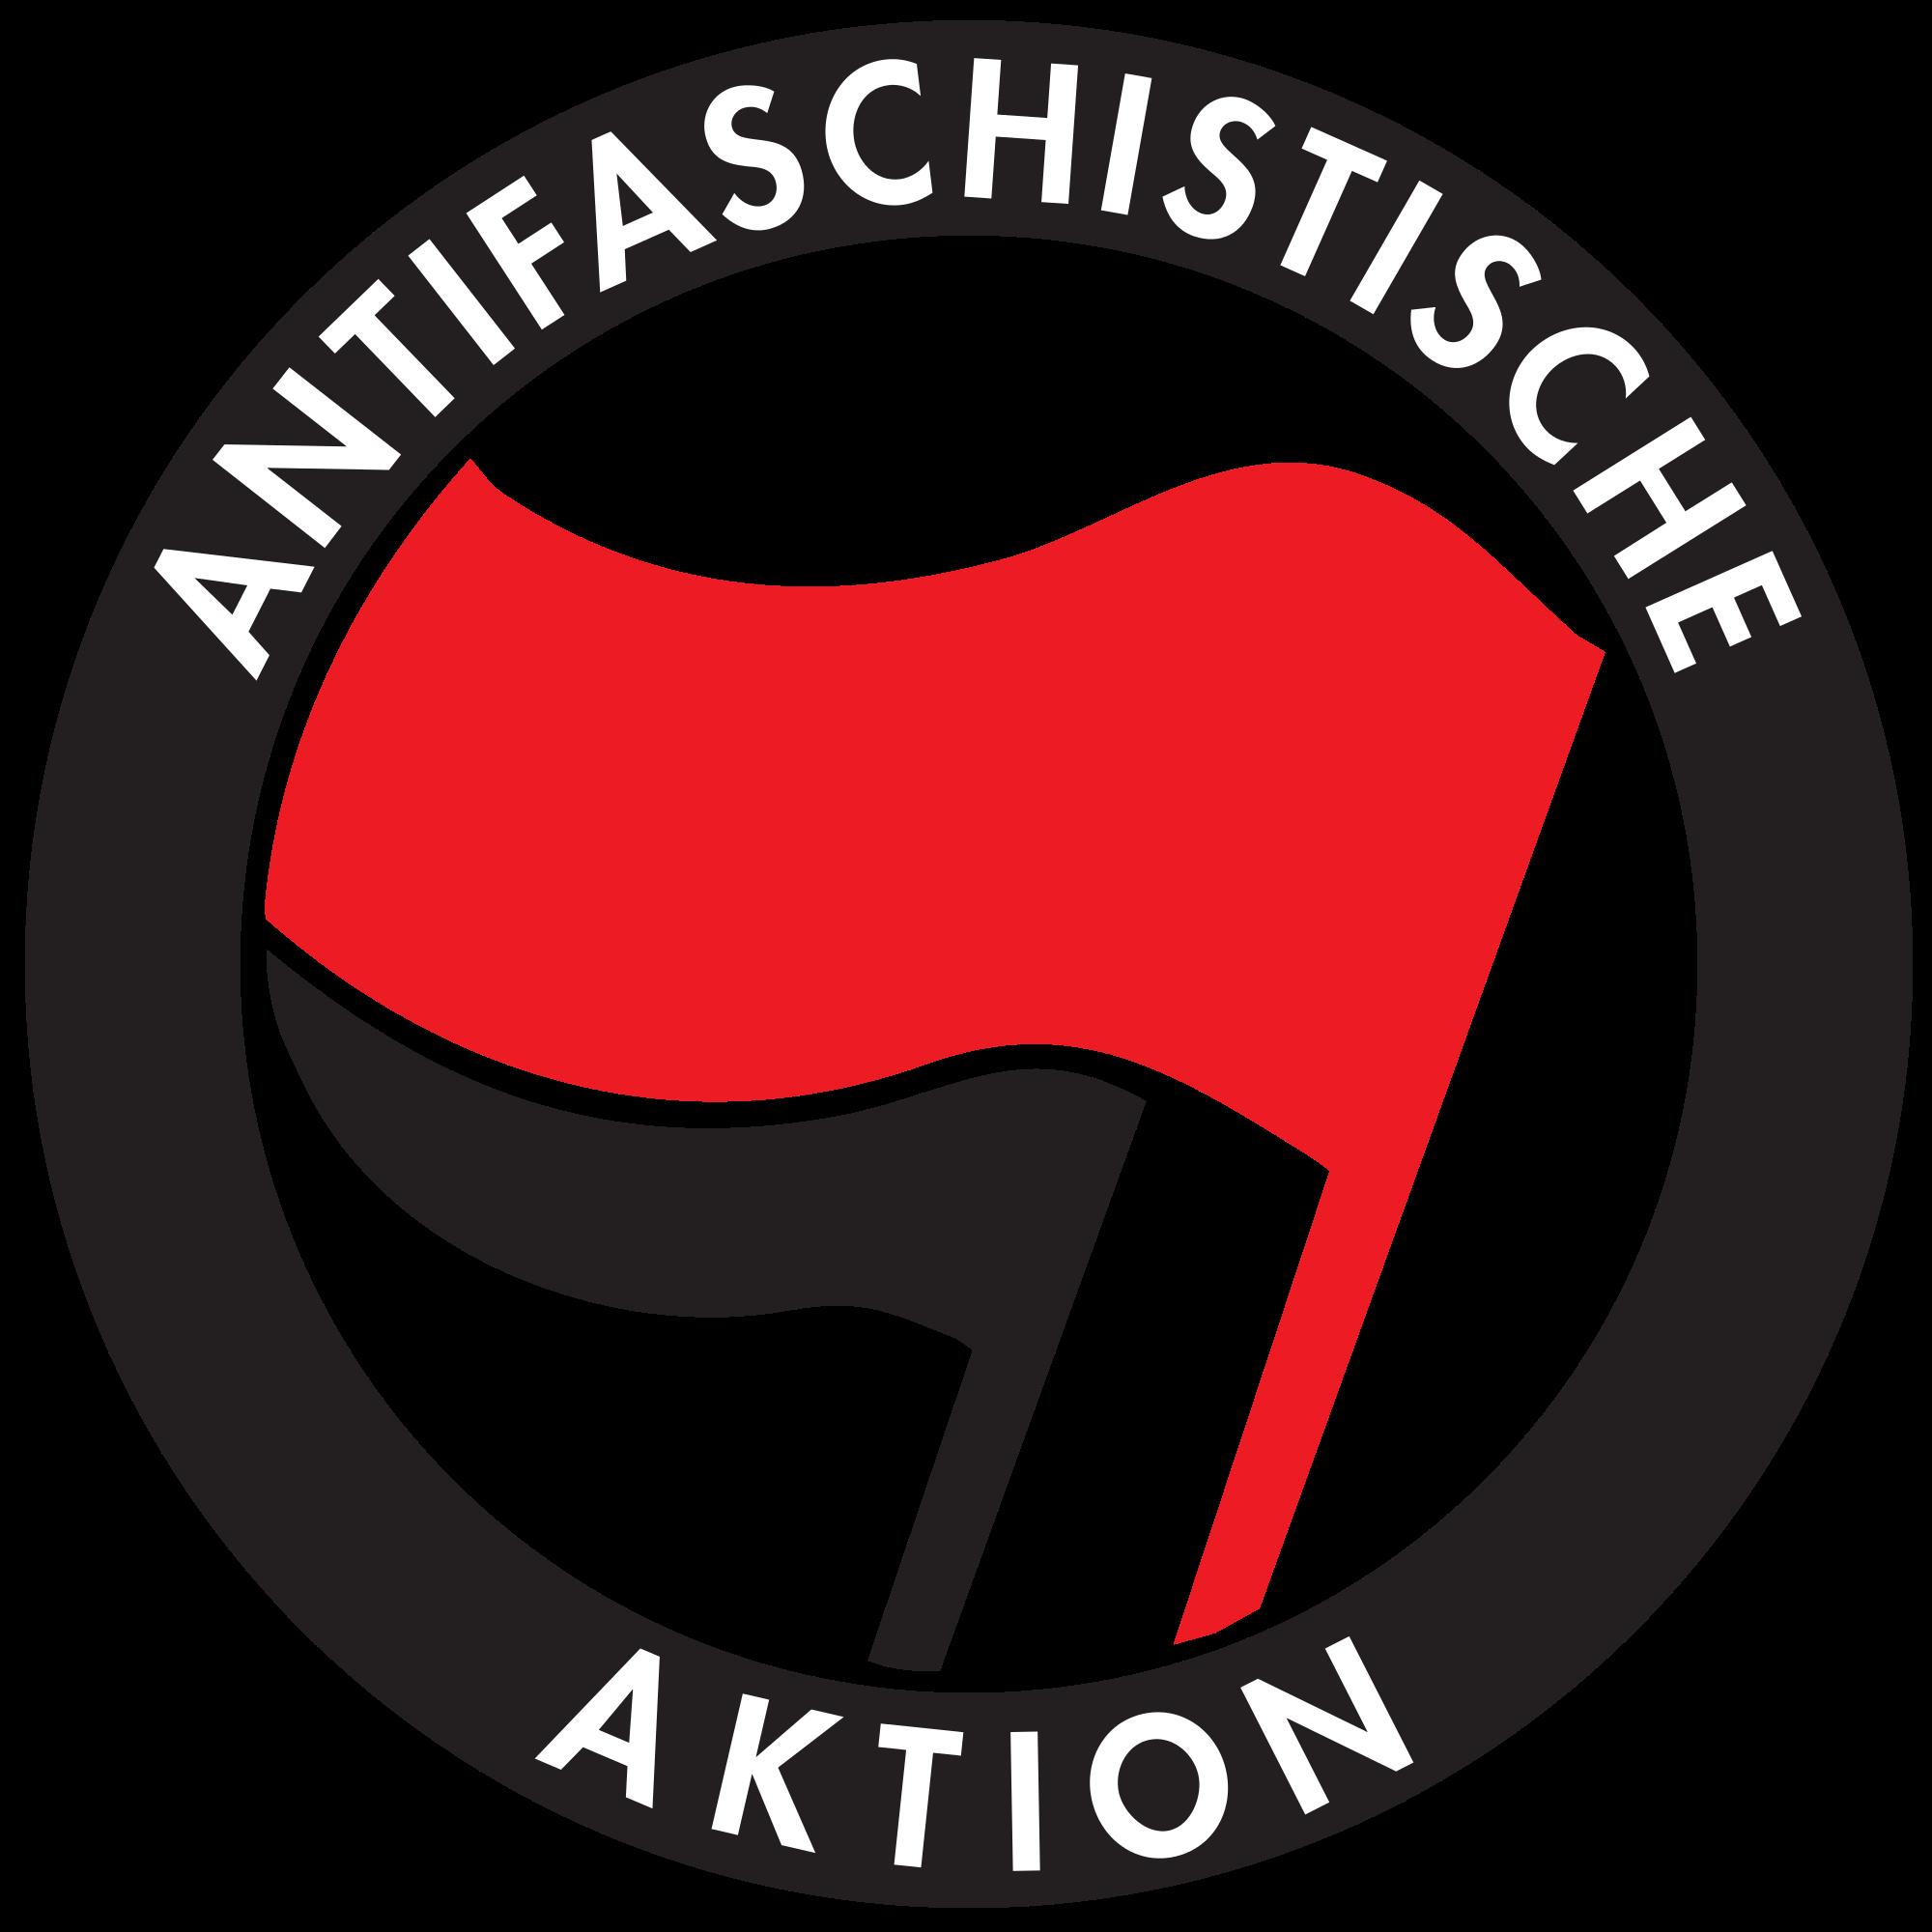 Fist clipart militant. Antifa know your meme